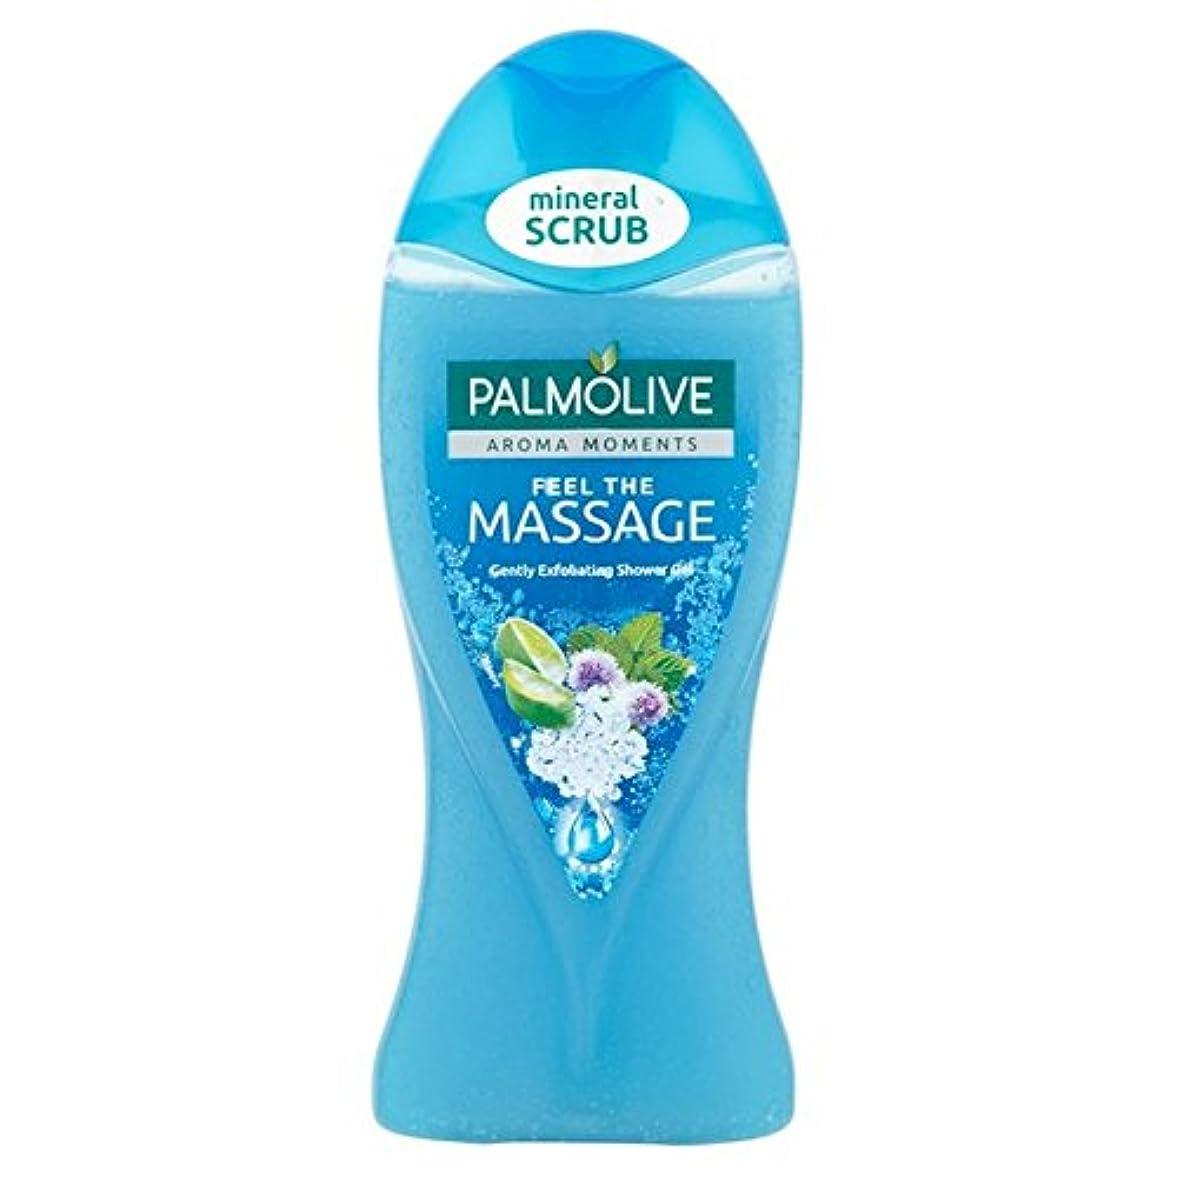 違法意図する保険をかけるパルモシャワージェルマッサージ250ミリリットル x2 - Palmolive Shower Gel Massage 250ml (Pack of 2) [並行輸入品]